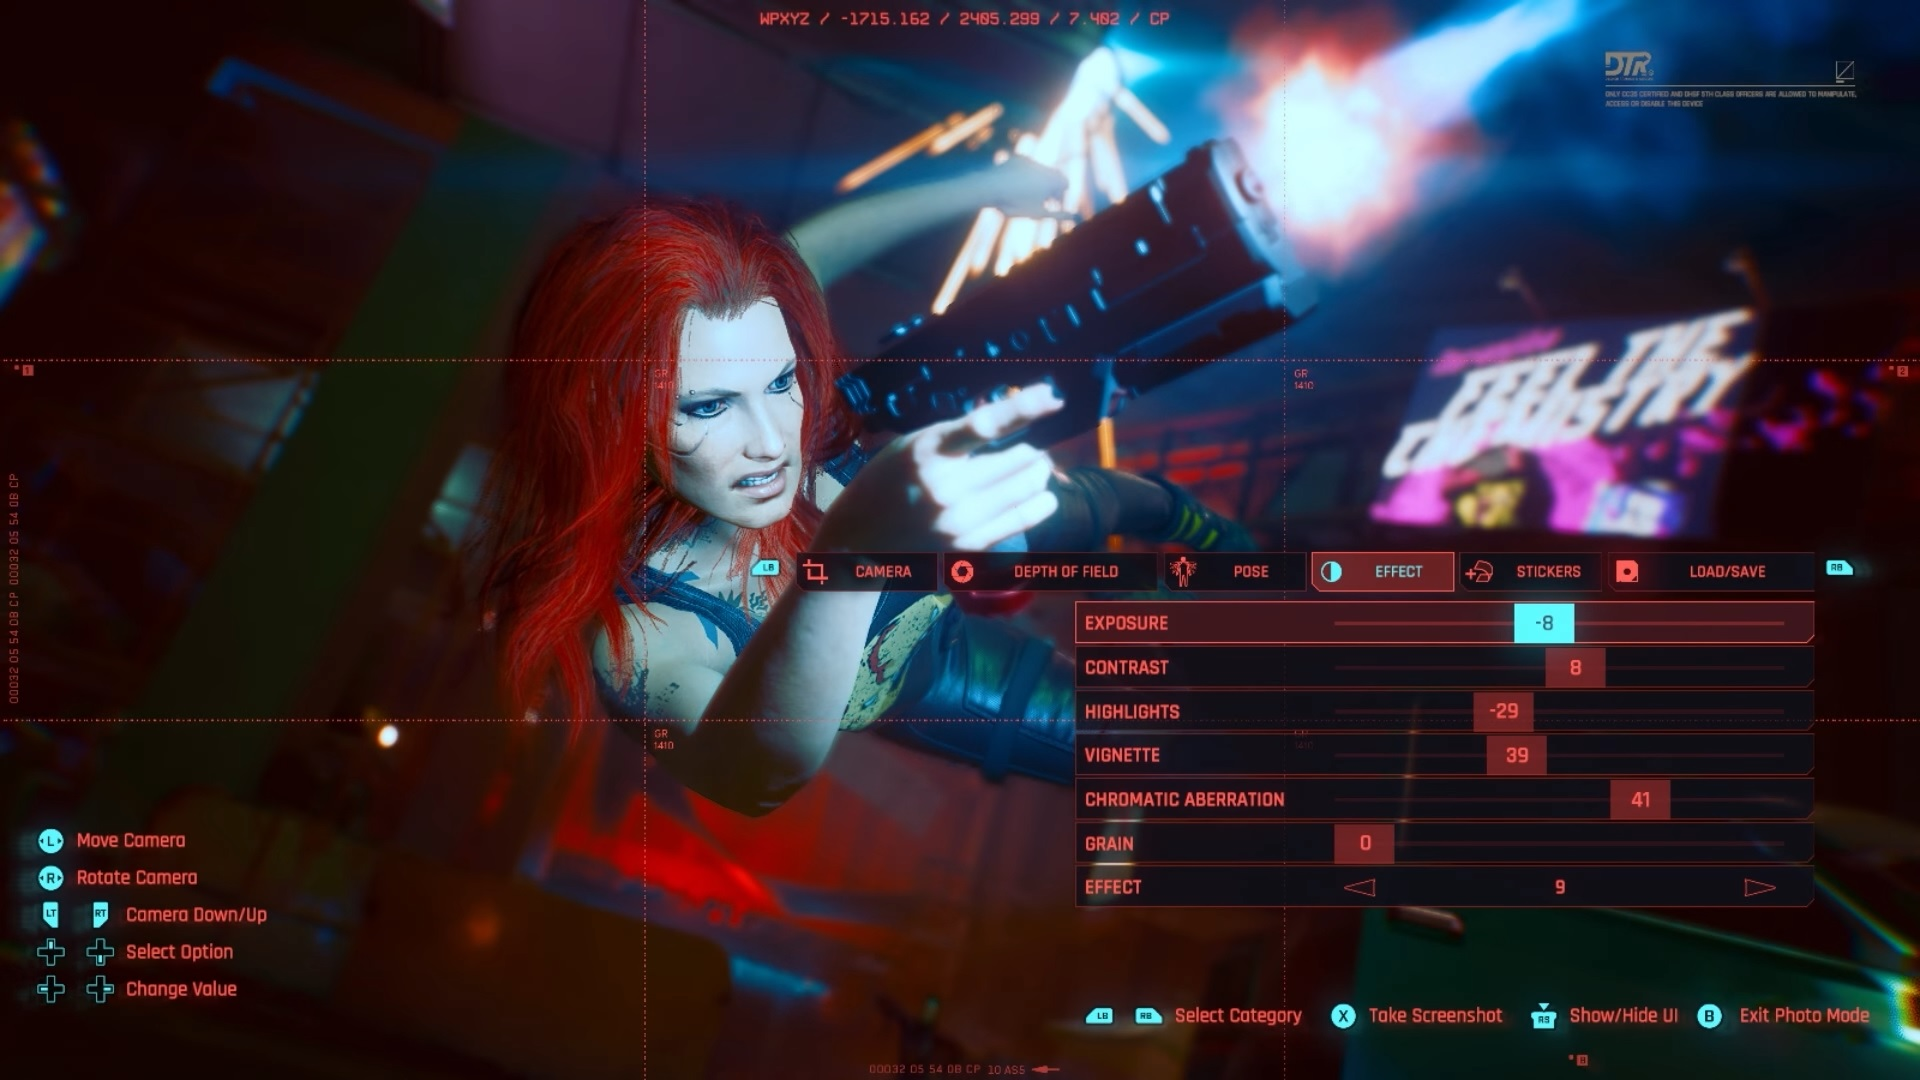 Fotografický režim v Cyberpunk 2077 1 1